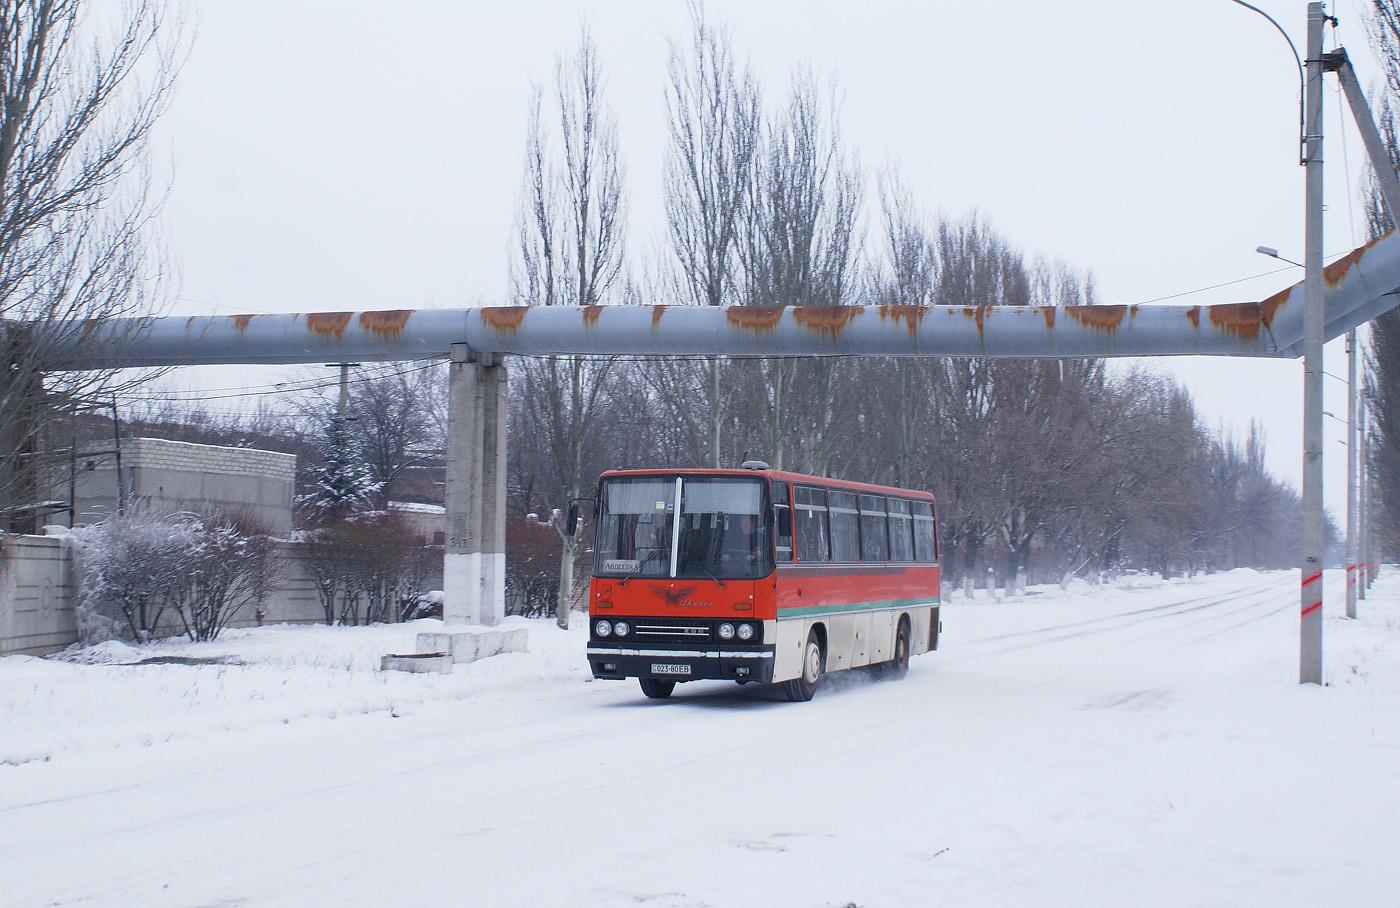 Ikarus-256 #023-80 ЕВ. Донецька область, Авдіївка